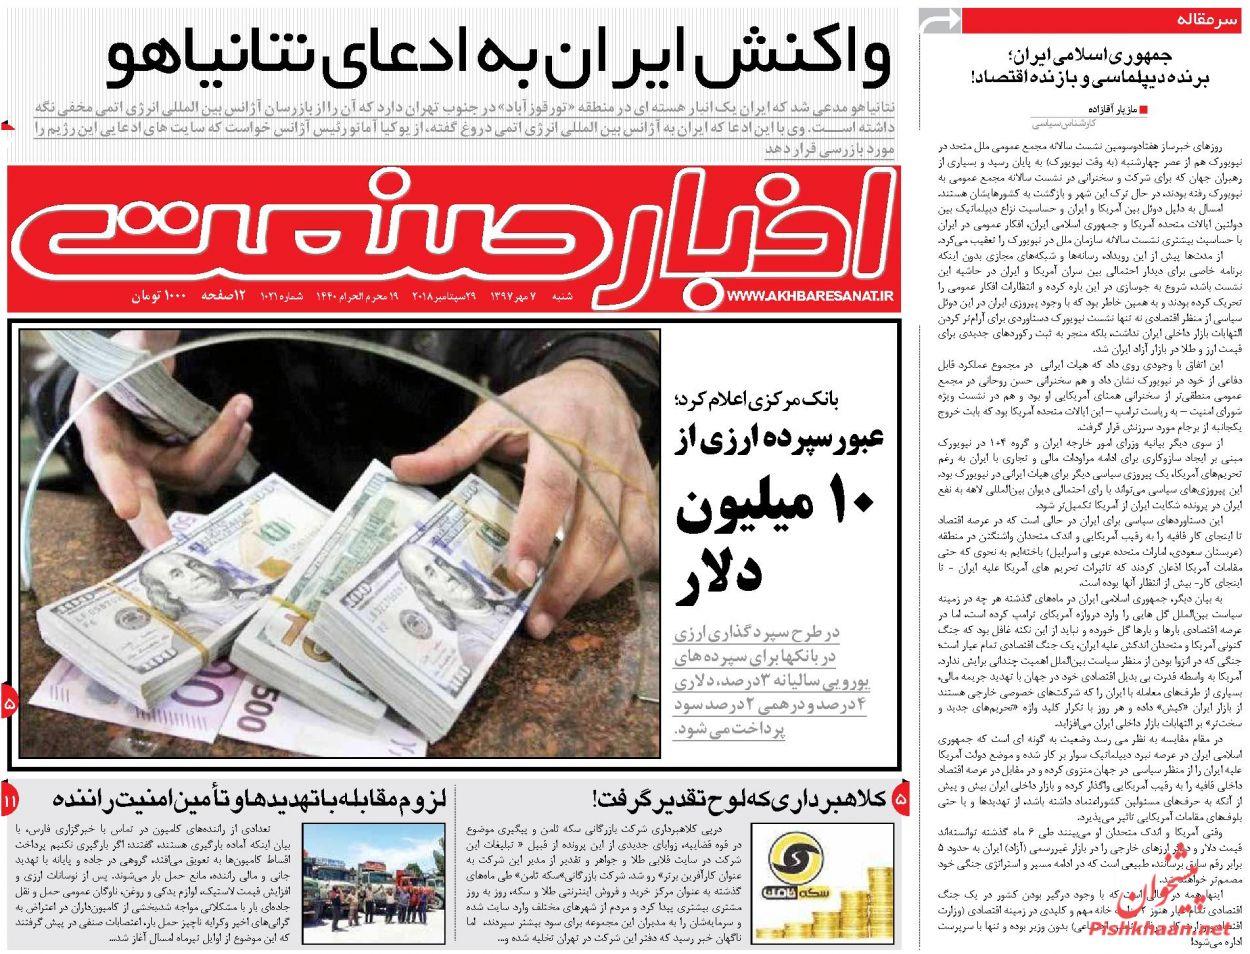 روزنامههای اقتصادی شنبه ۹۷/۰۷/۰۷